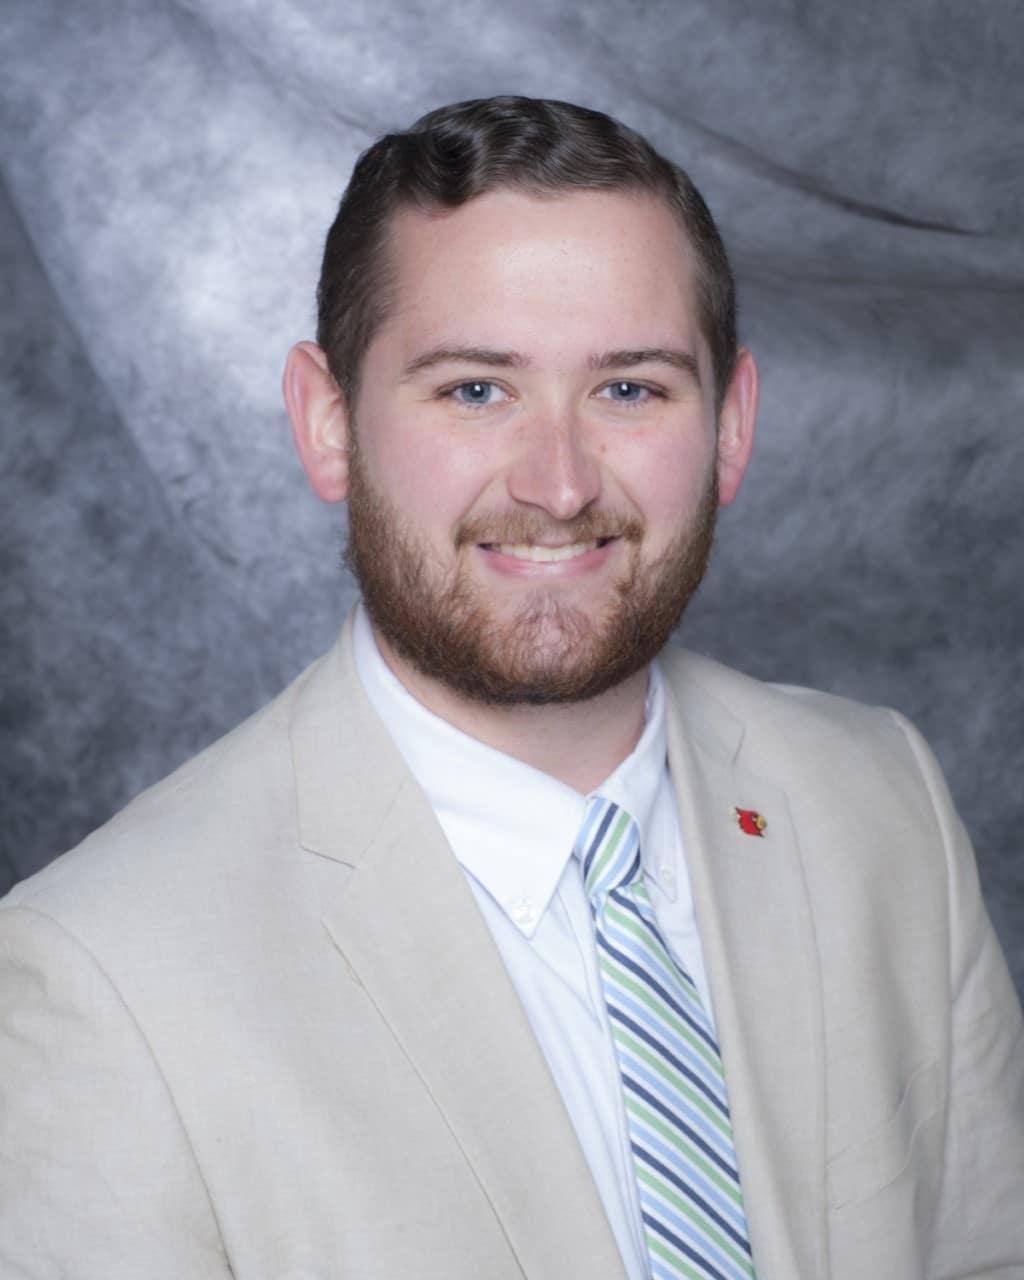 SGA President Aaron Vance